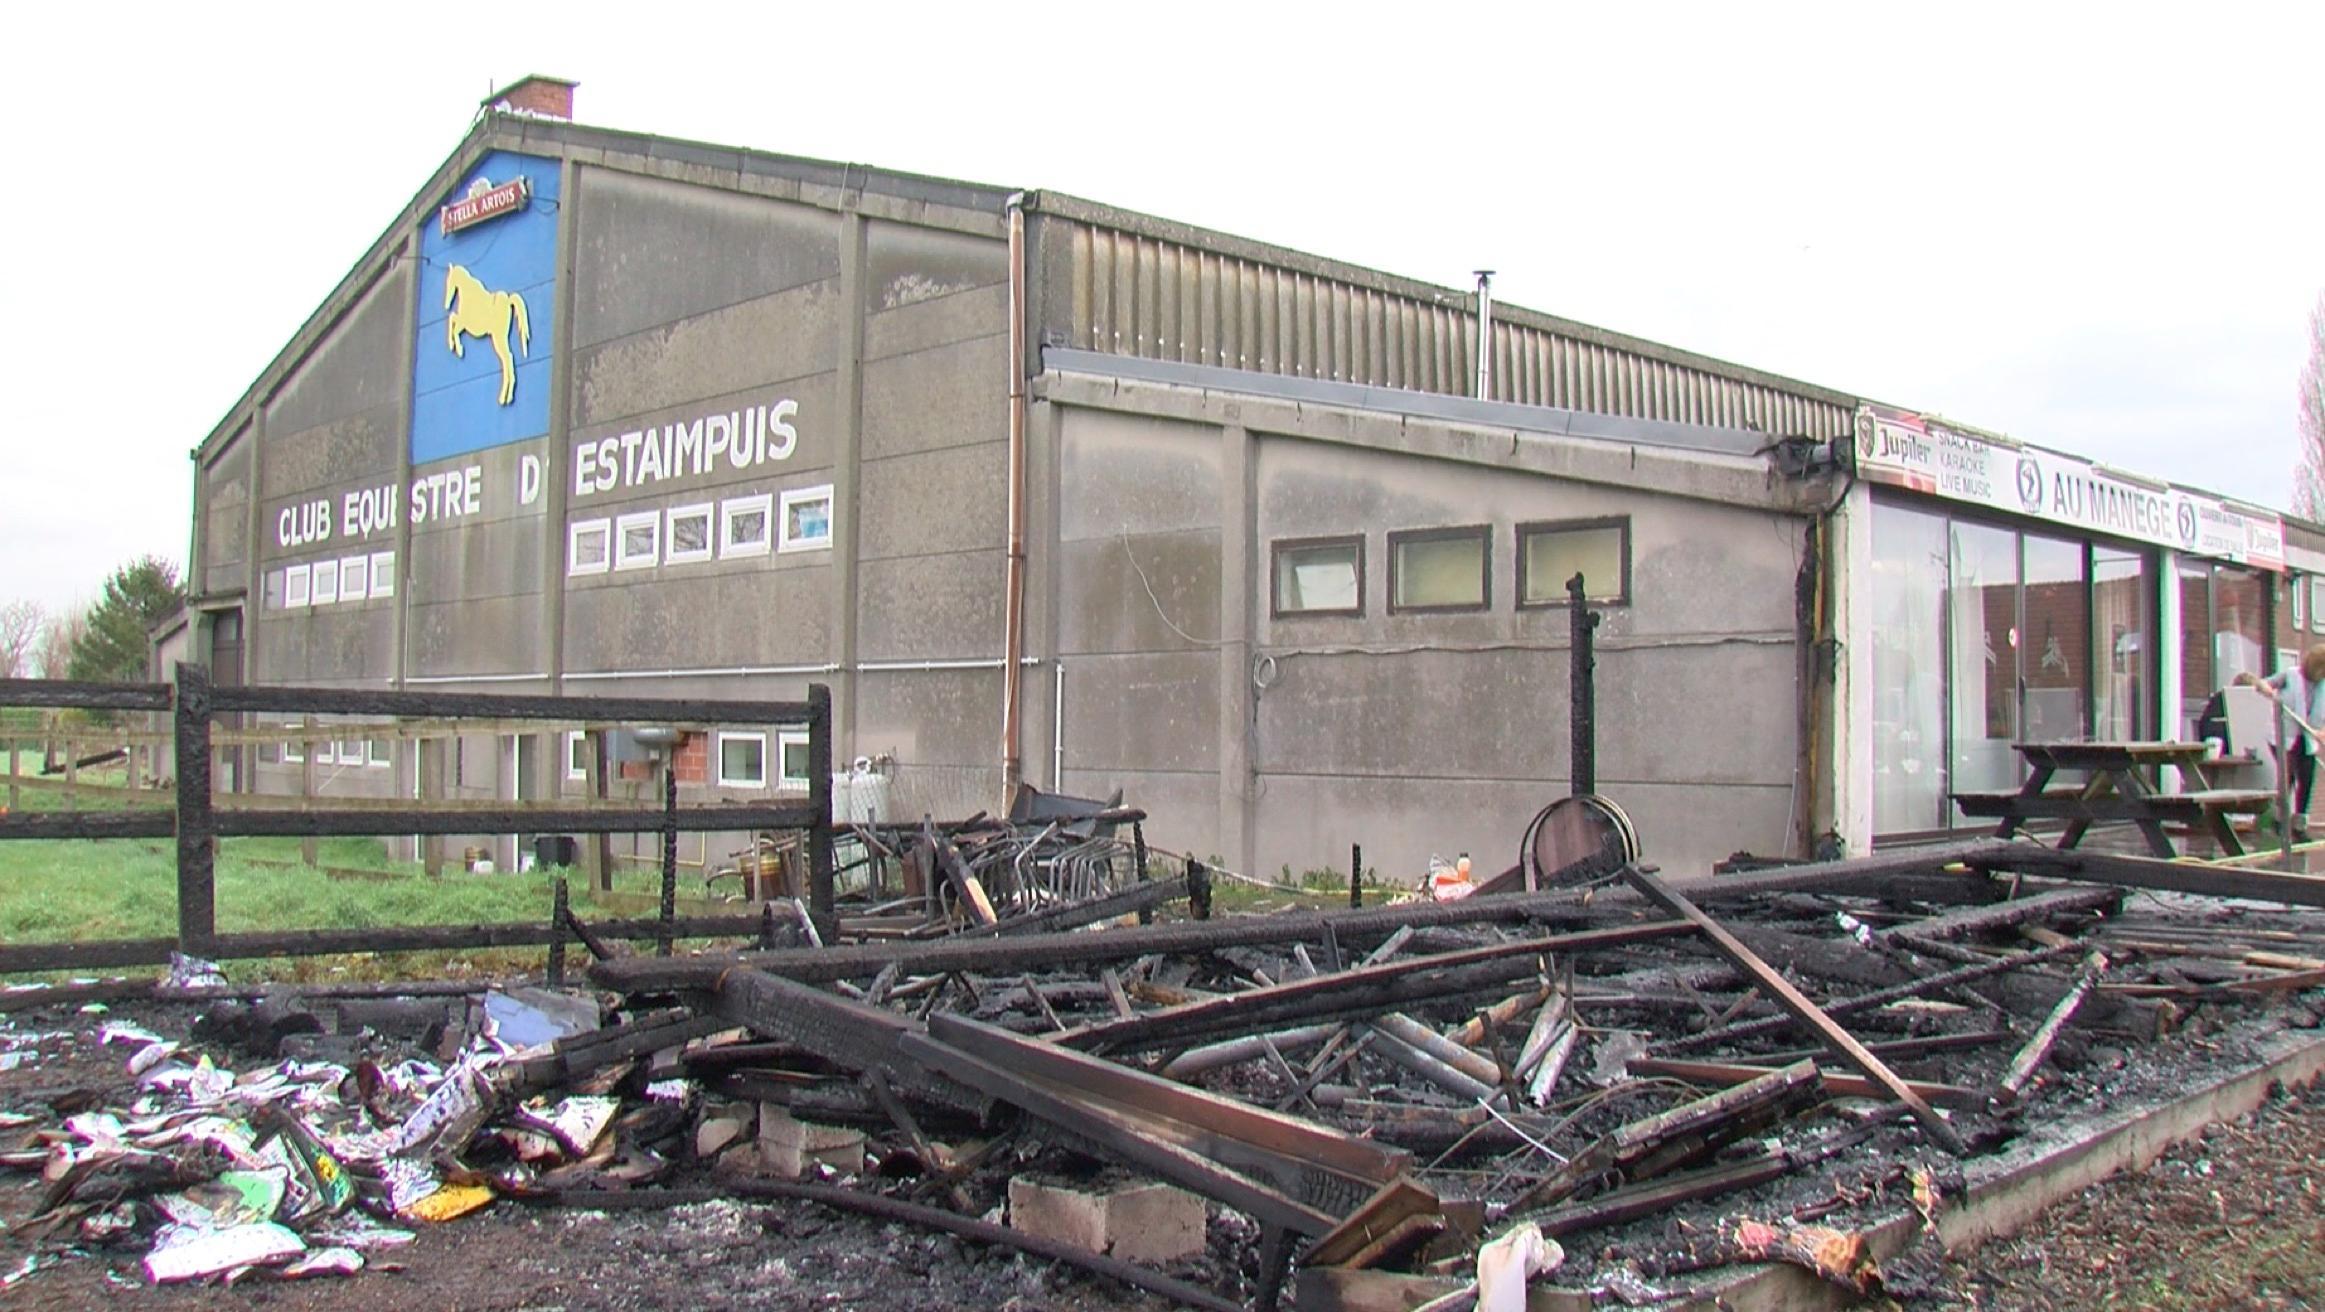 Incendie au centre équestre d'Estaimpuis